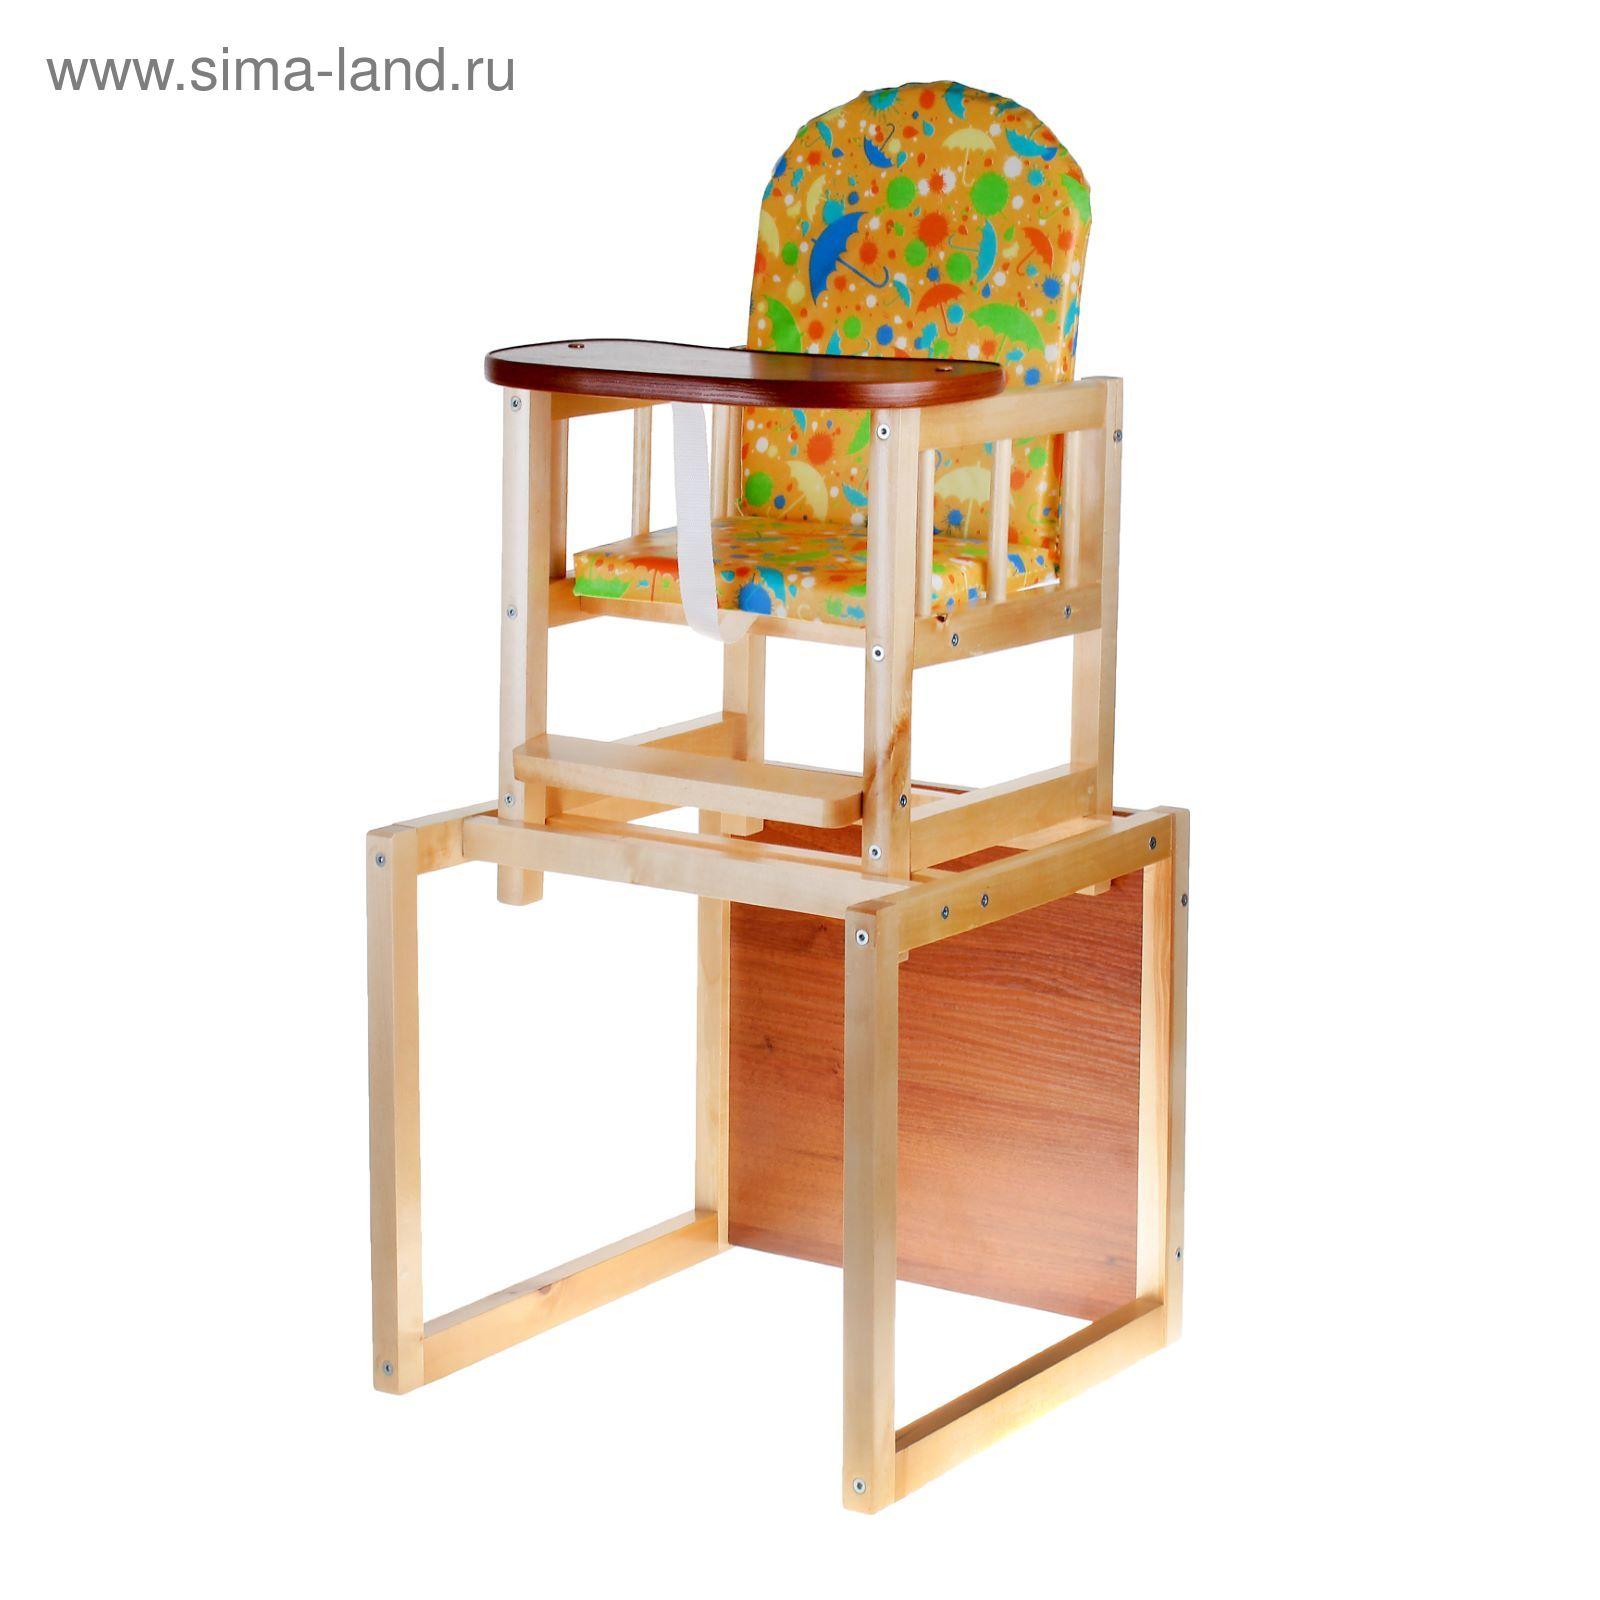 стульчик для кормления трансформер заюшка деревянный цвет